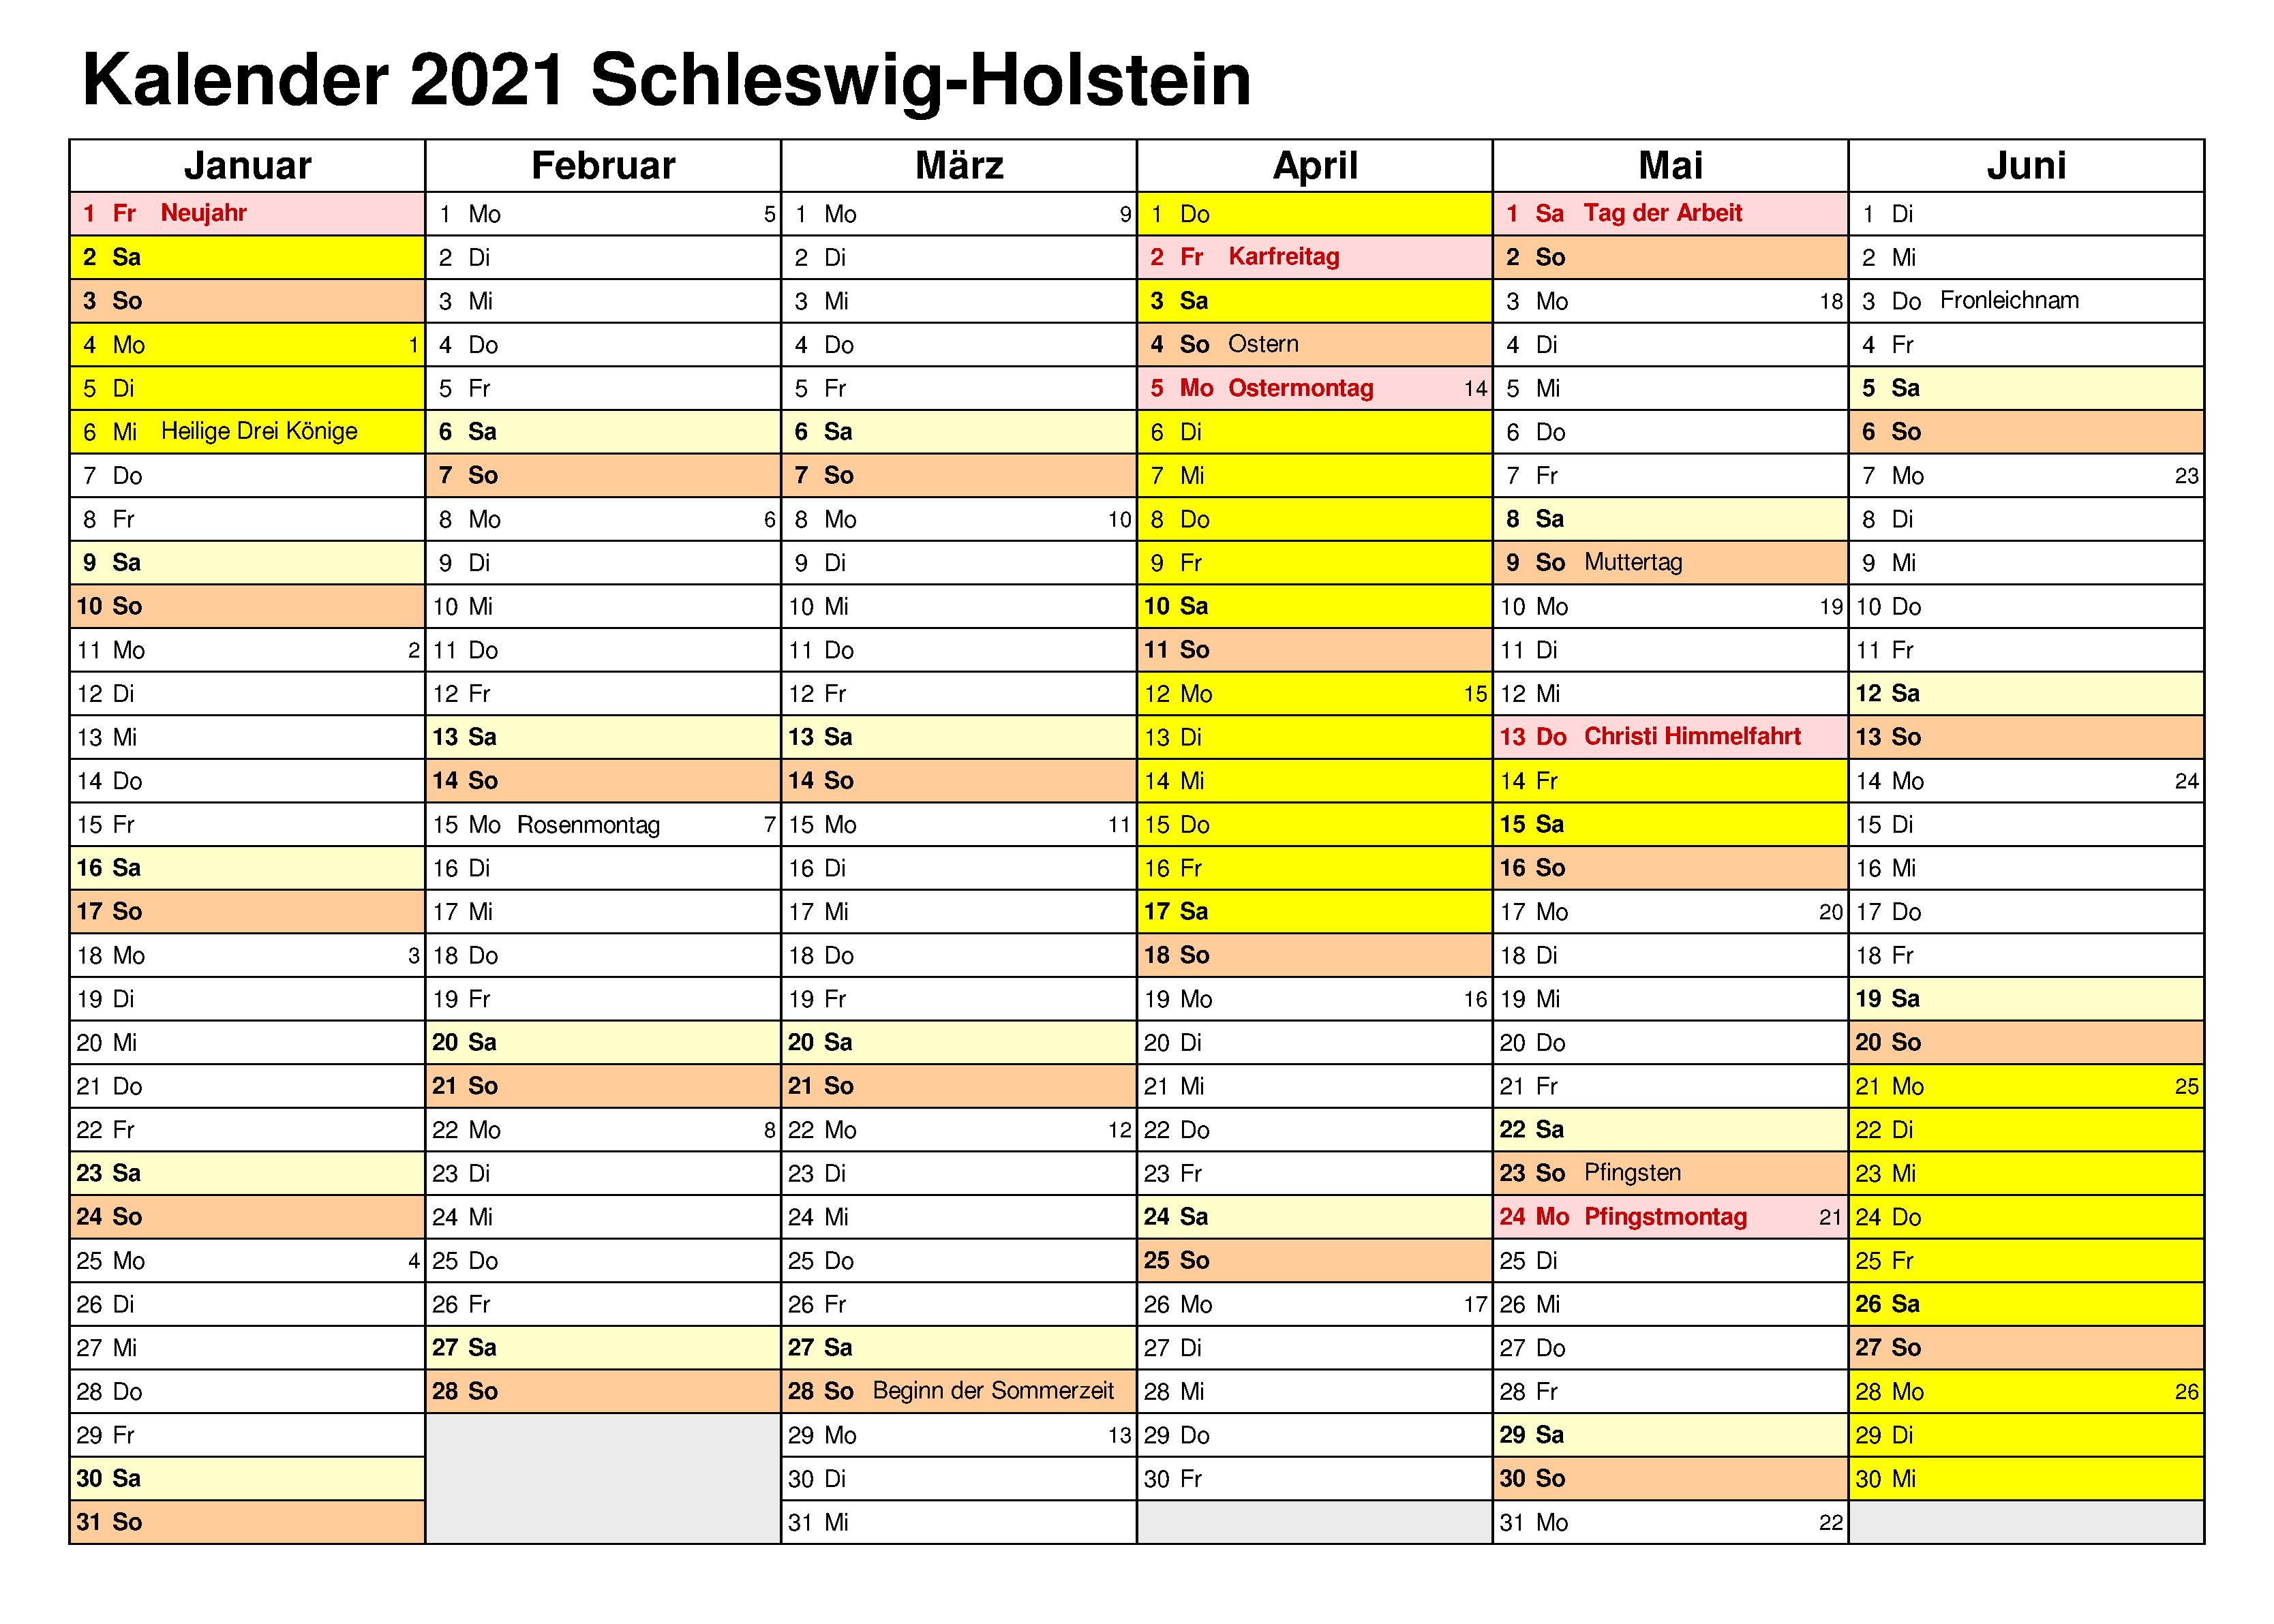 Feiertagen 2021 Schleswig-Holstein Kalender